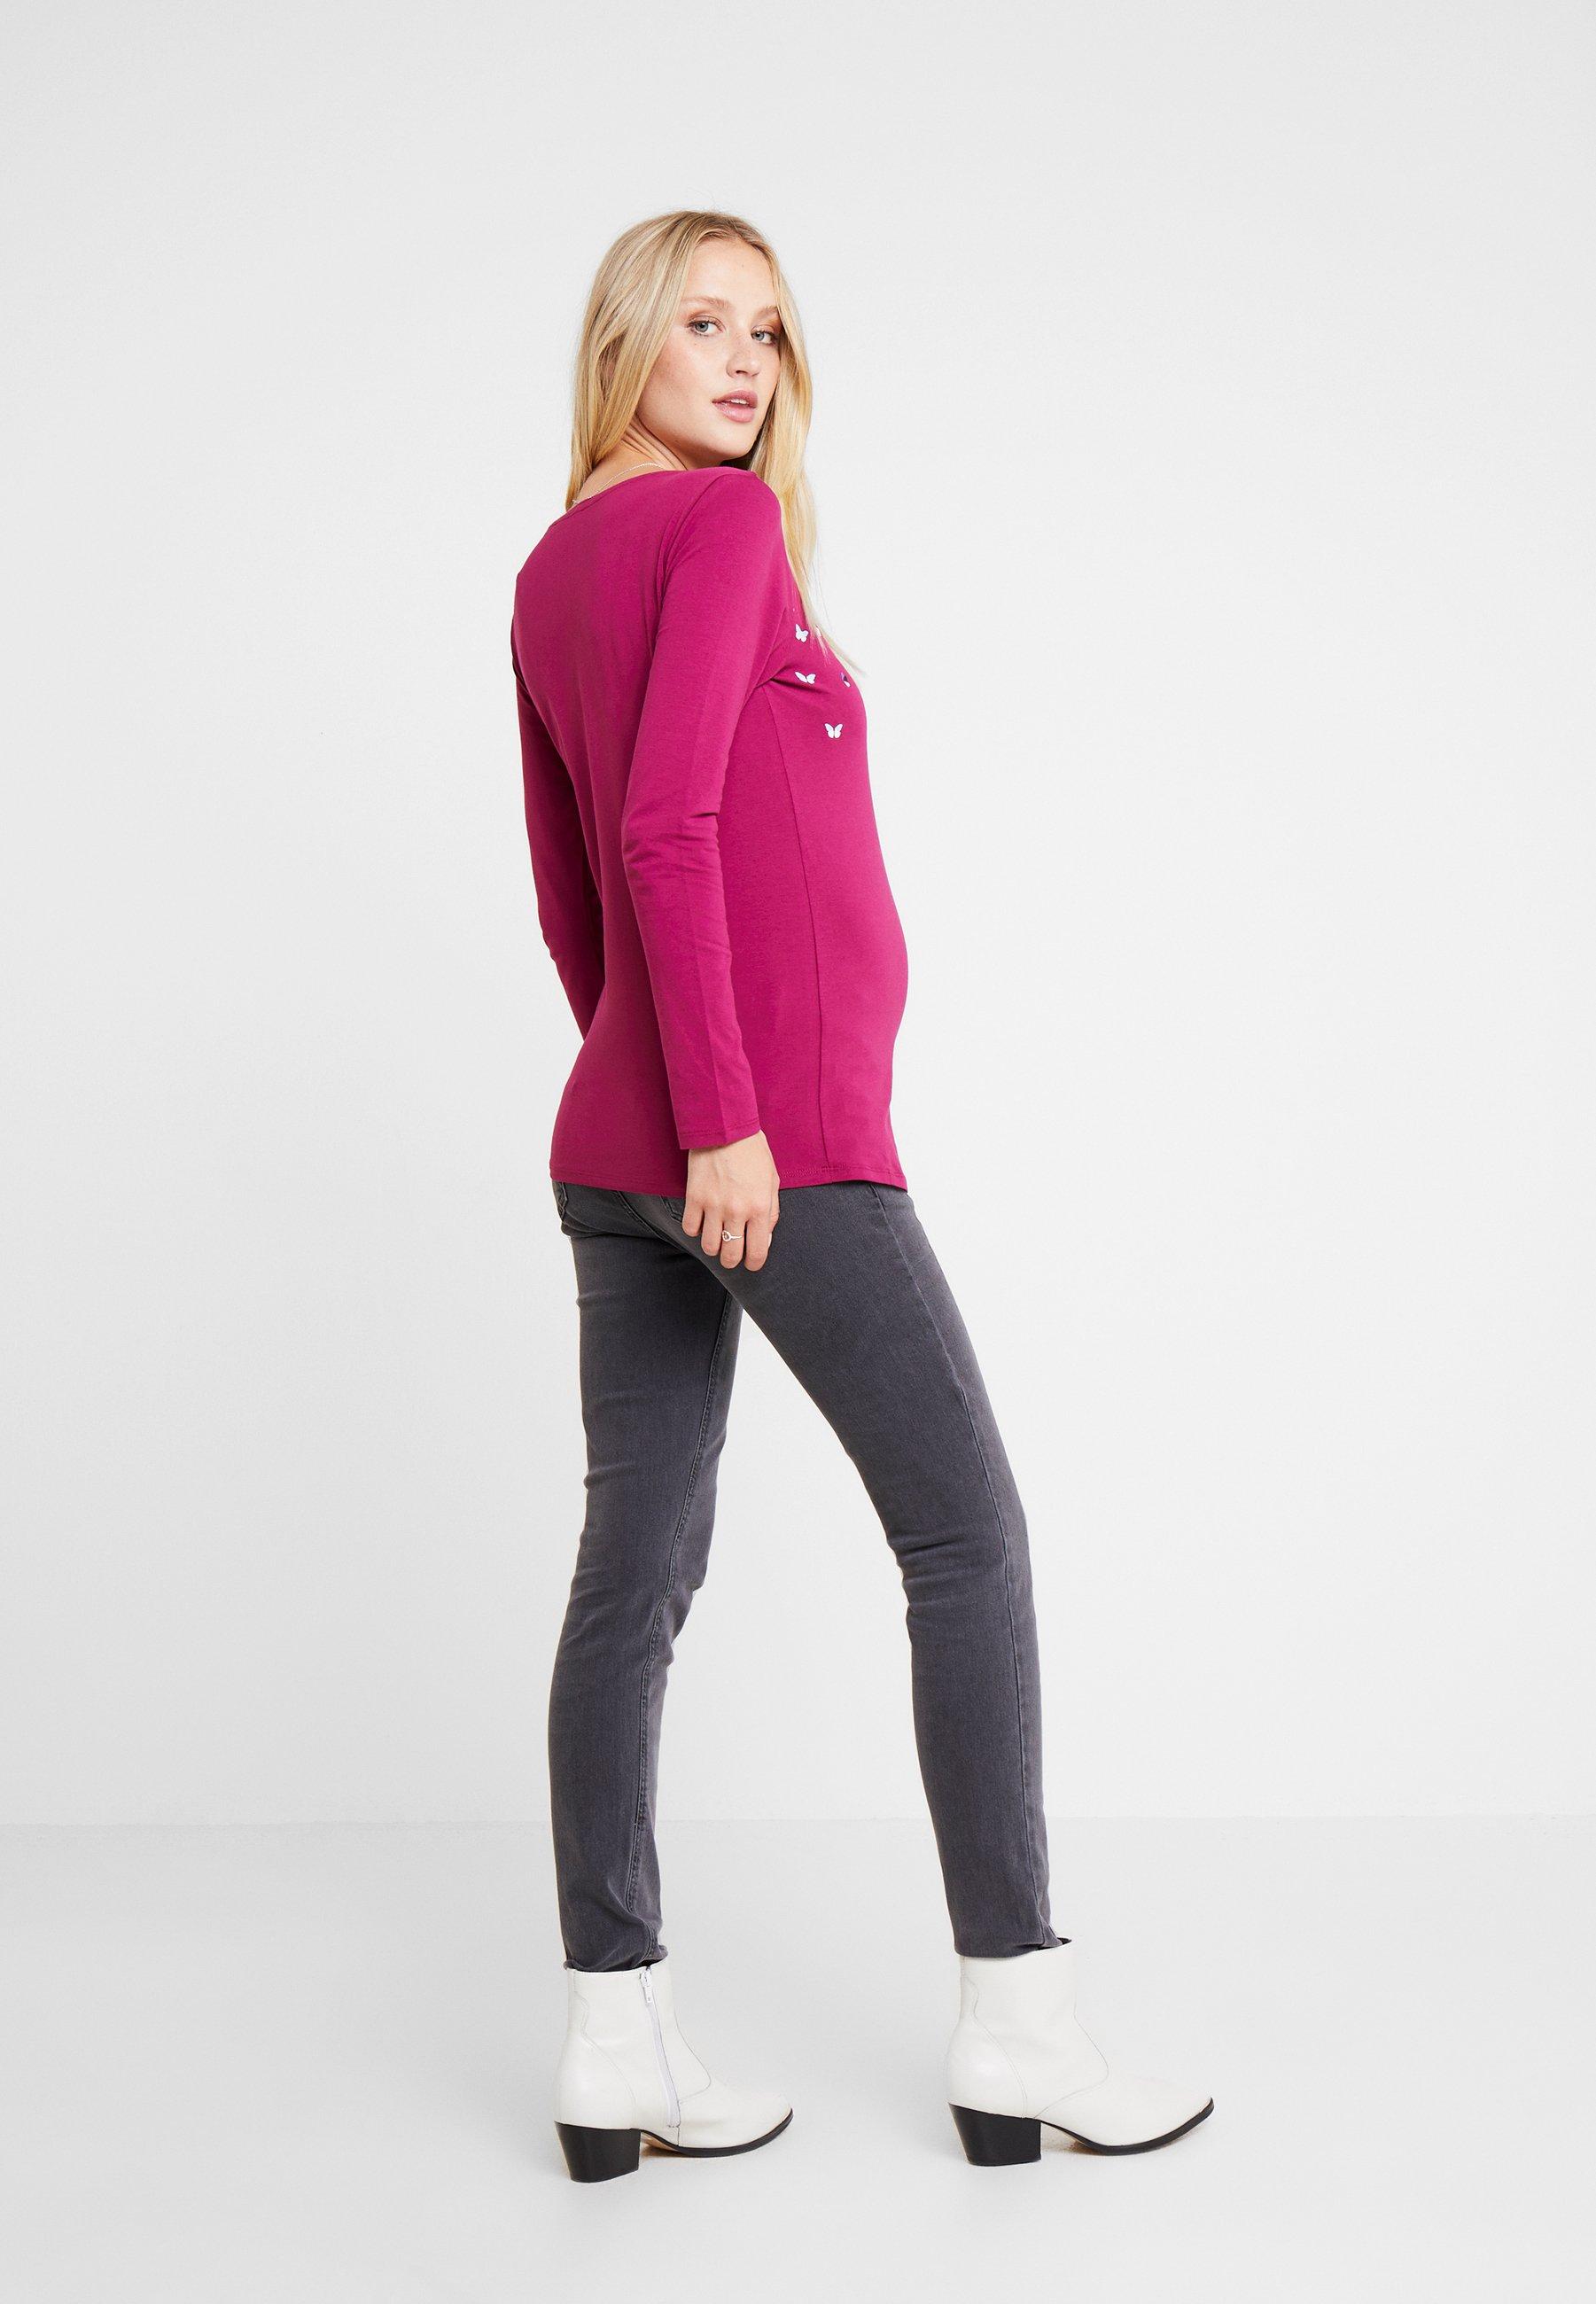 Red À Esprit shirt LonguesPlum Manches T Maternity IYbv6yf7g